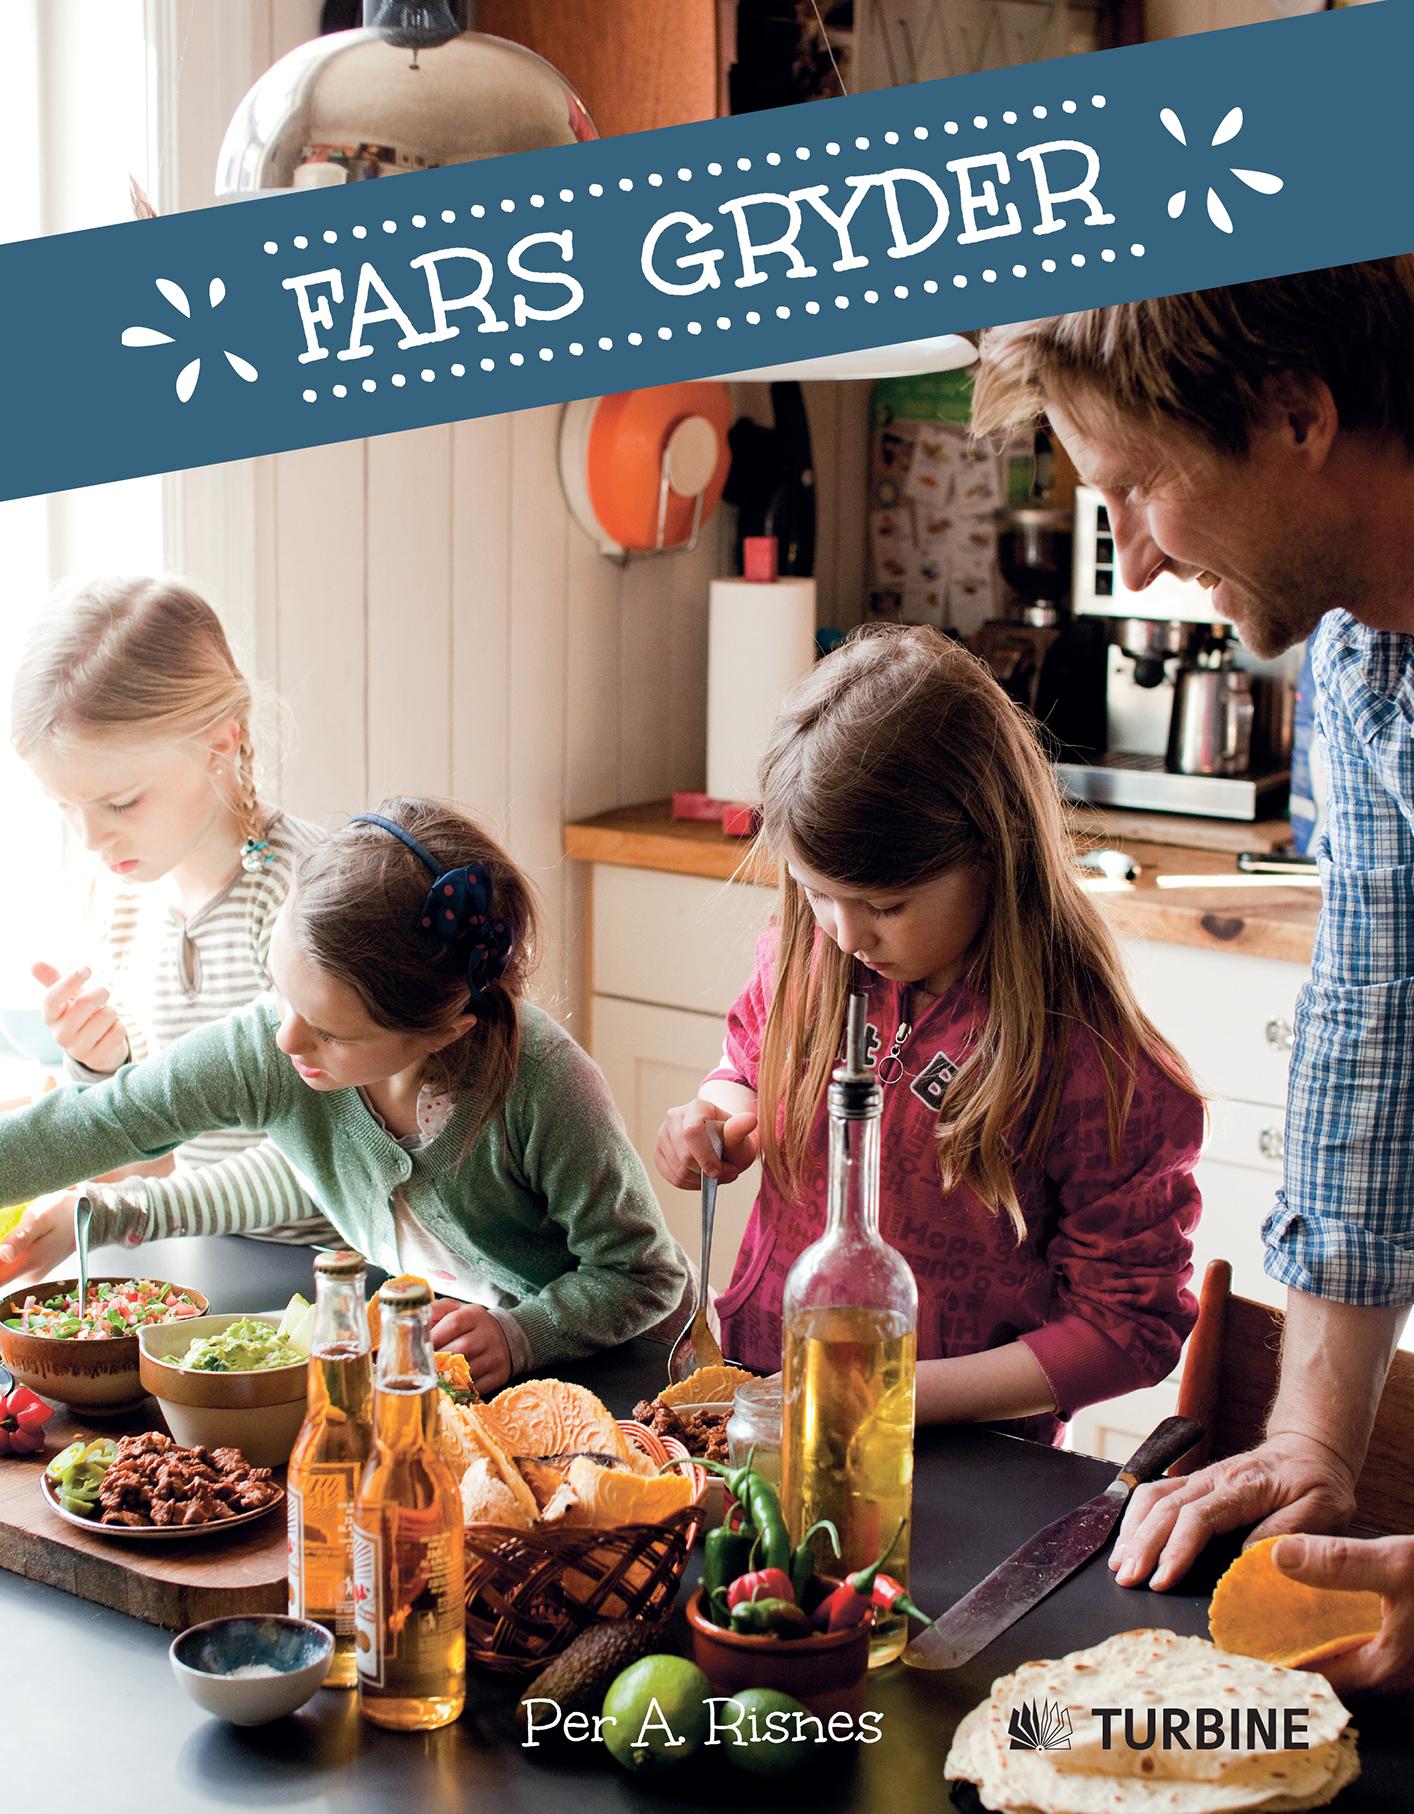 Norges bedste far udgiver familiekogebog på dansk!